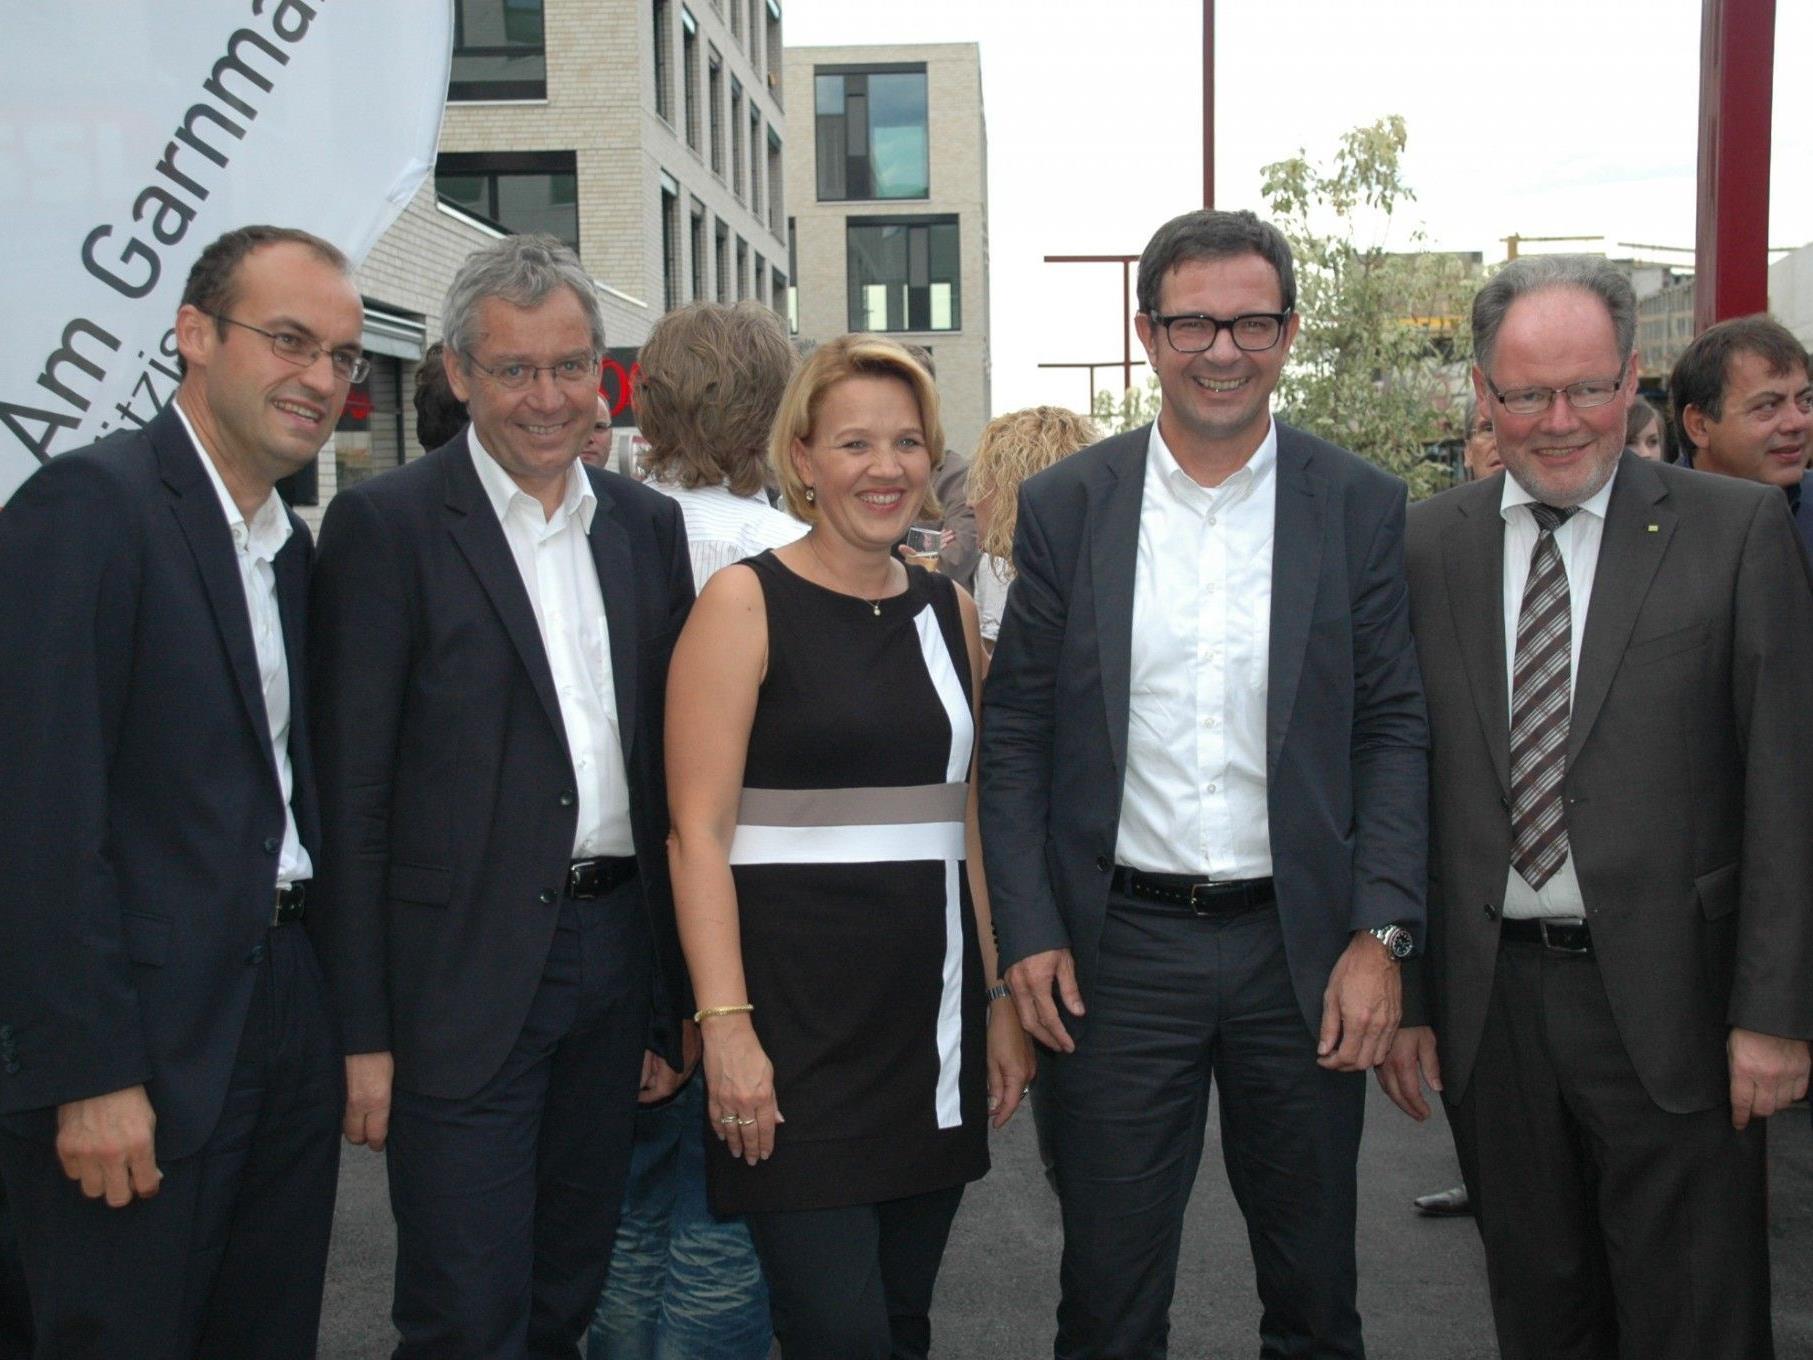 Freuten sich über die Erweiterung Am Garnmarkt: (v.l.) Ernst Mayr (FUSSL), Statthalter Karlheinz Rüdisser, LR Andrea Kaufmann, Prisma Vorstand Bernhard Ölz & Bürgermeister Werner Huber